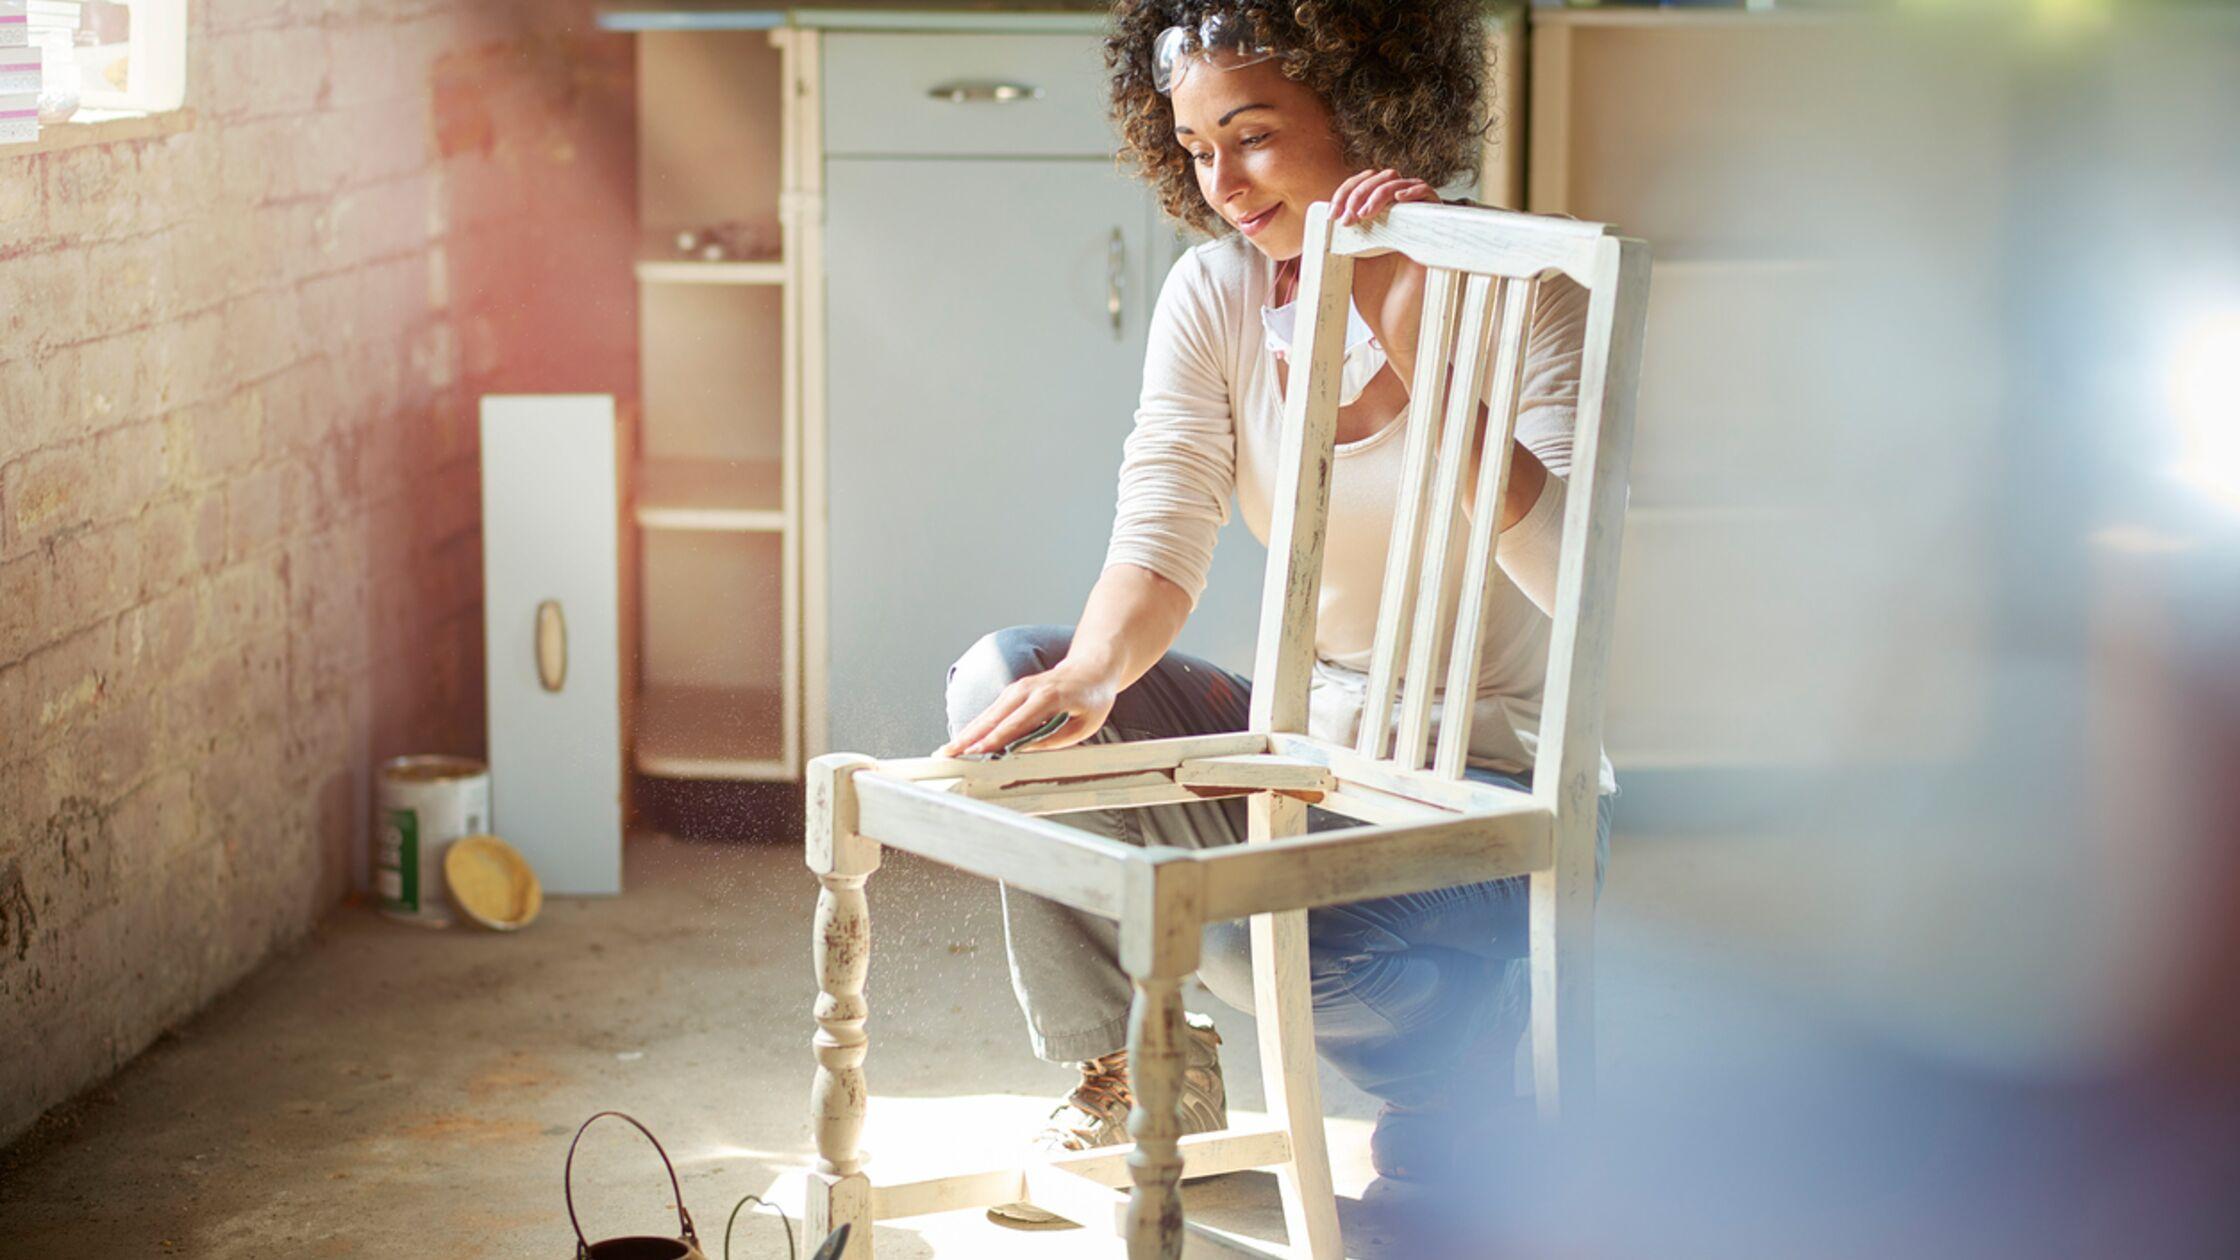 Shabby Chic selber machen: So gestalten Sie trendy Vintage-Möbel